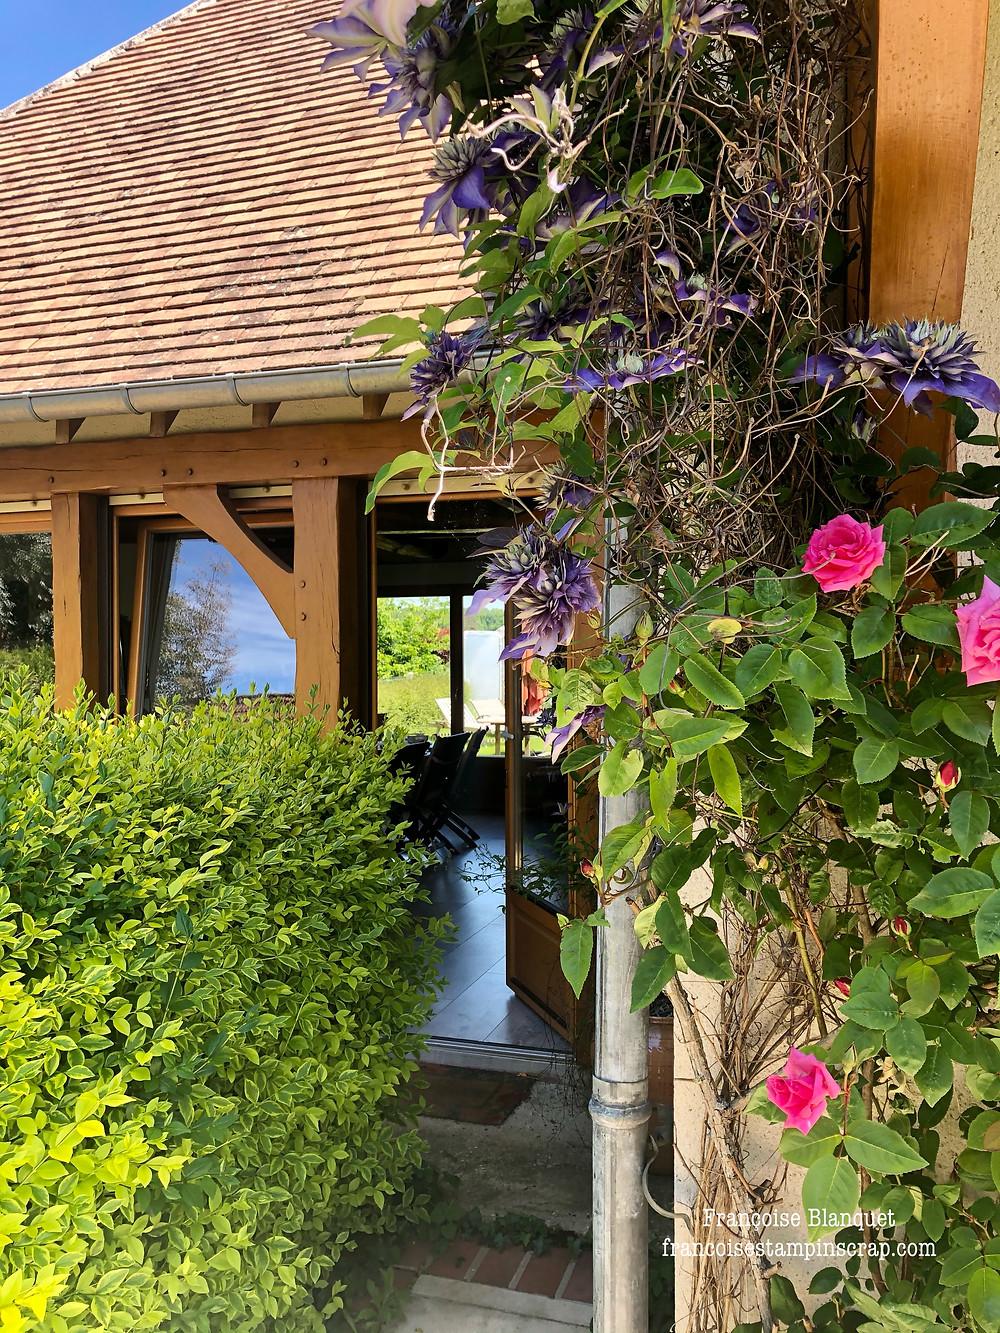 Une clématite Multiblue vous accueille avec générosité !  Le rosier embaume de son parfum, la saison est juste géniale.  On pousse la porte de mon atelier ....  Bienvenue chez moi !!  Bienvenue dans le monde du scrap